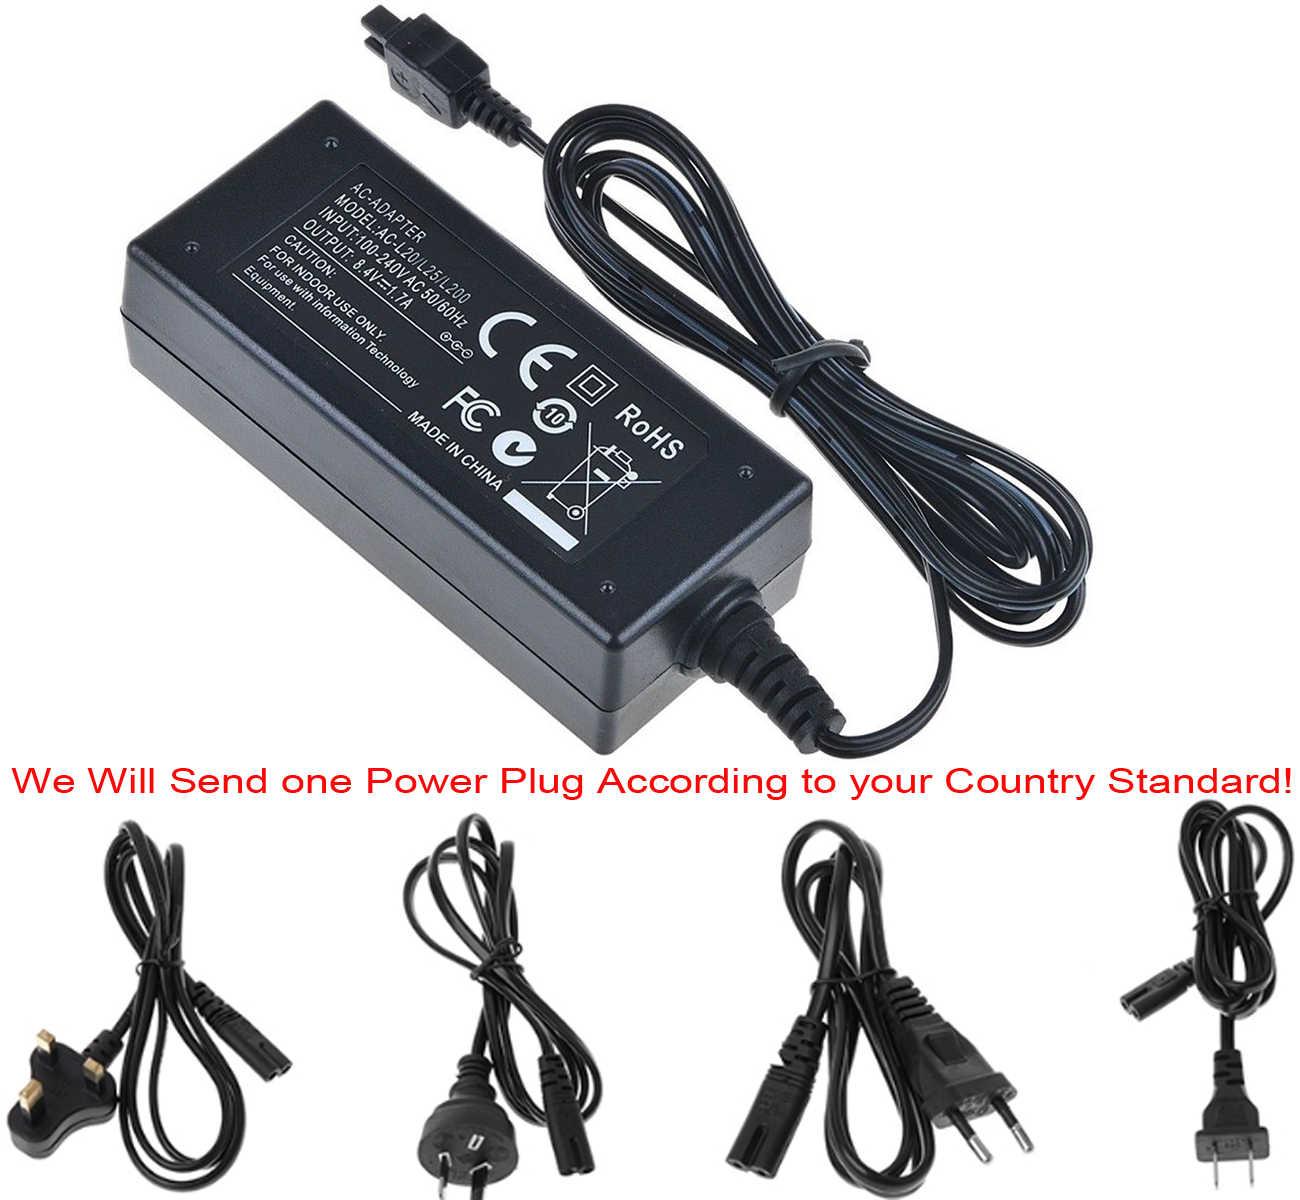 Sony Dcr-pc DCR-HC Handycam videocámara fuente de alimentación AC adaptador de cable Cable De Cargador